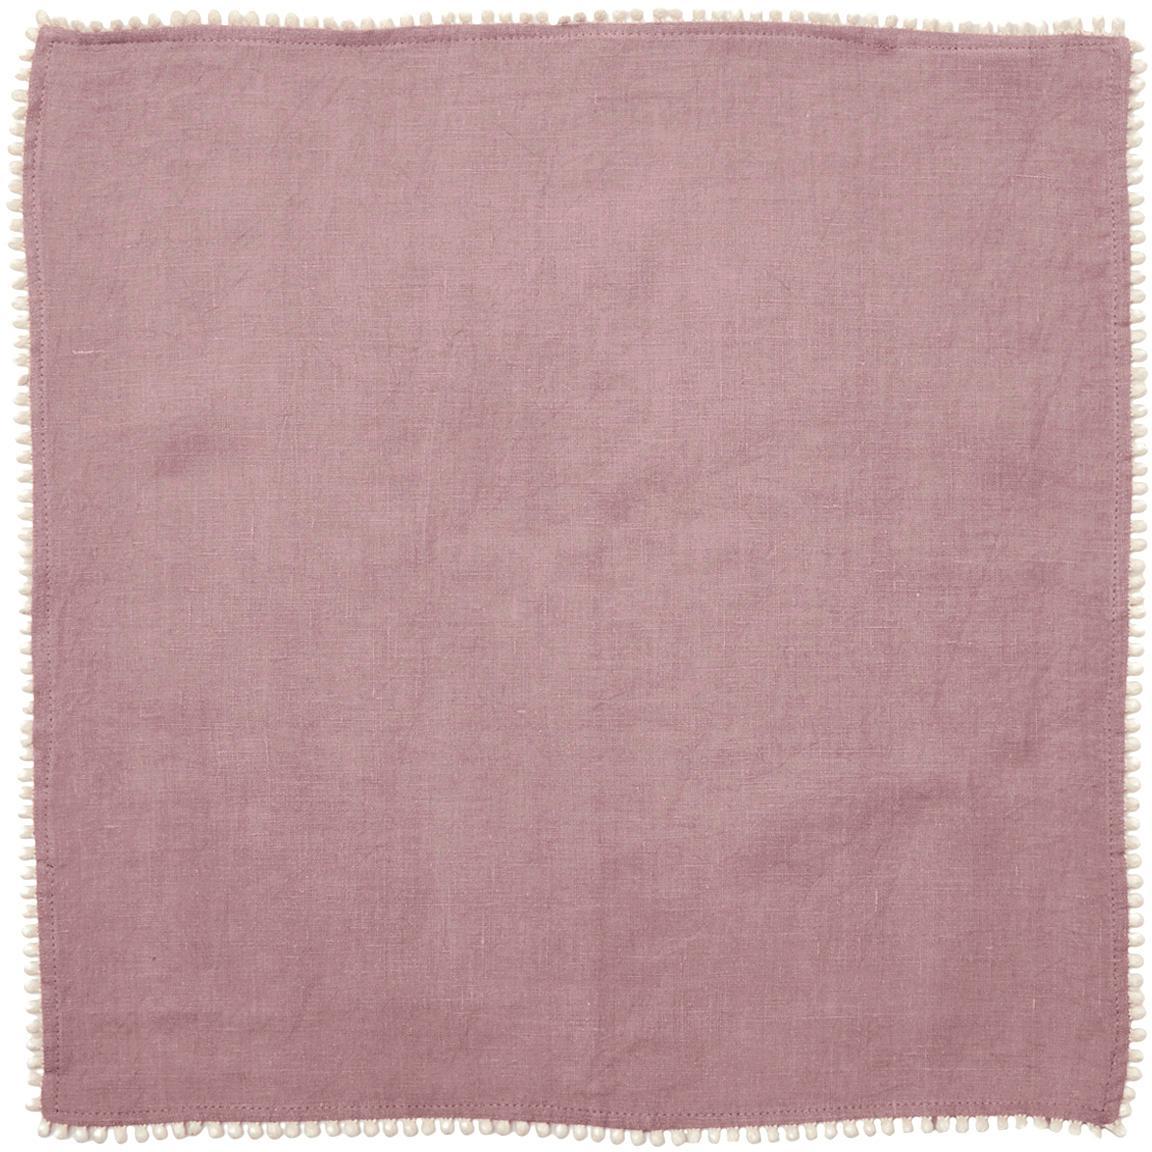 Tovagliolo in lino lavato Pom Pom 4 pz, Lino, Rosa cipria, Larg. 46 x Lung. 46 cm